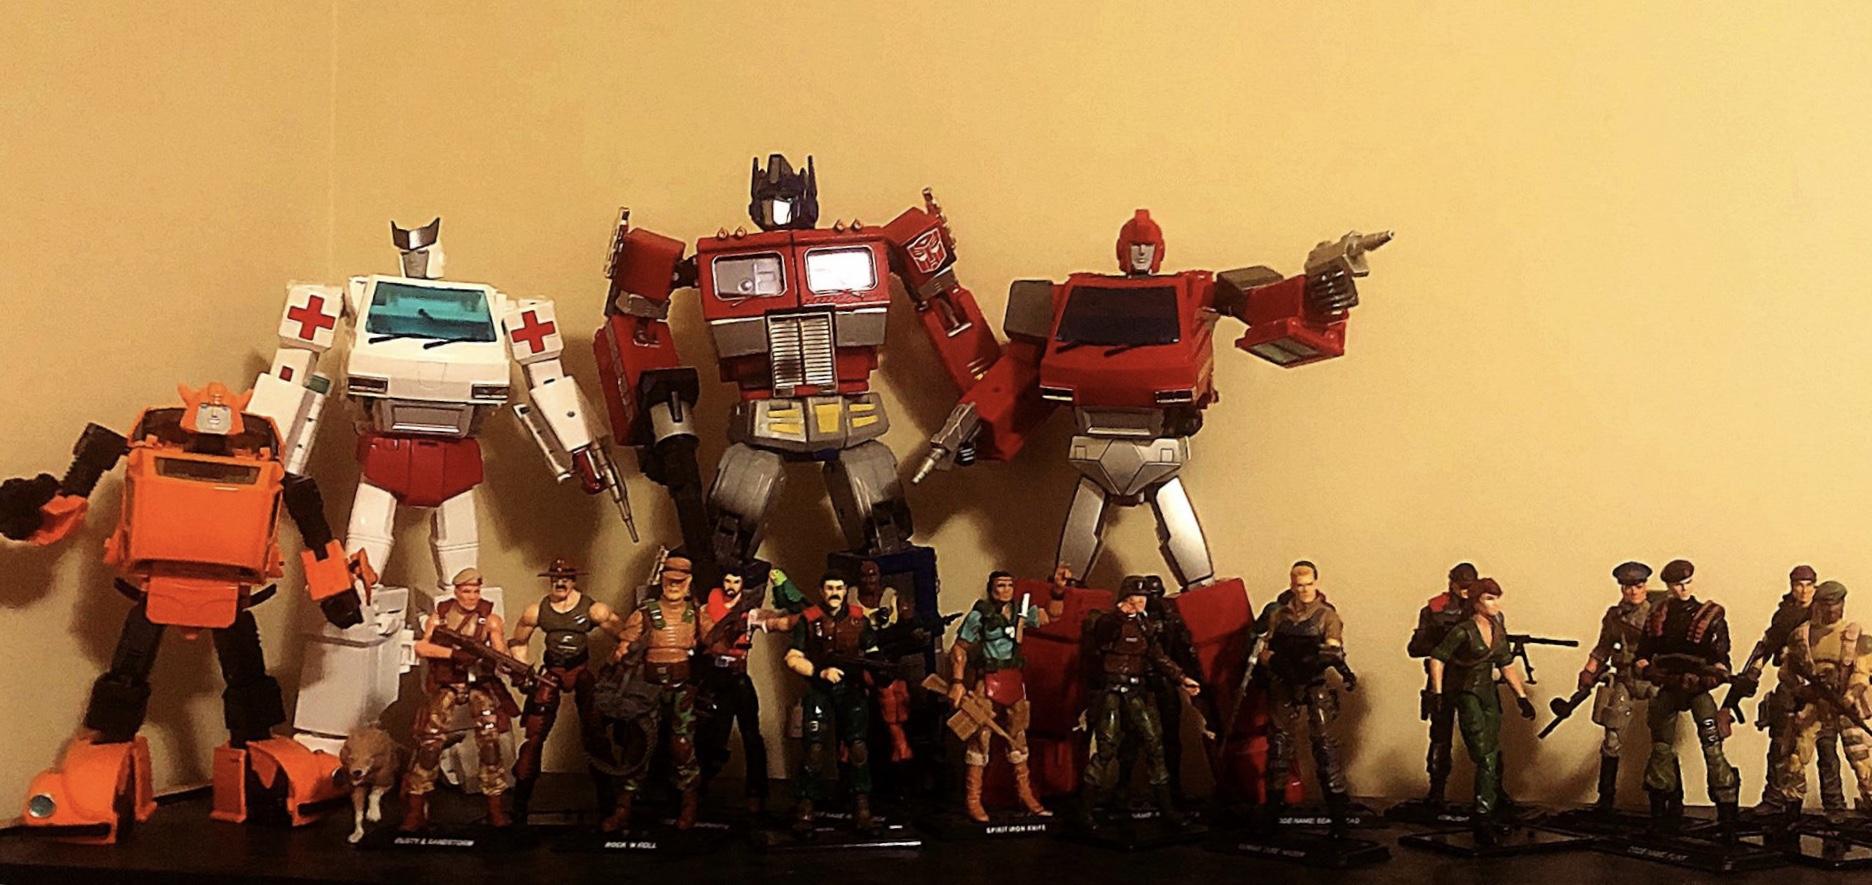 Autobots-f7dd1c37-1fae-4839-a48e-8f764a568e55.jpeg